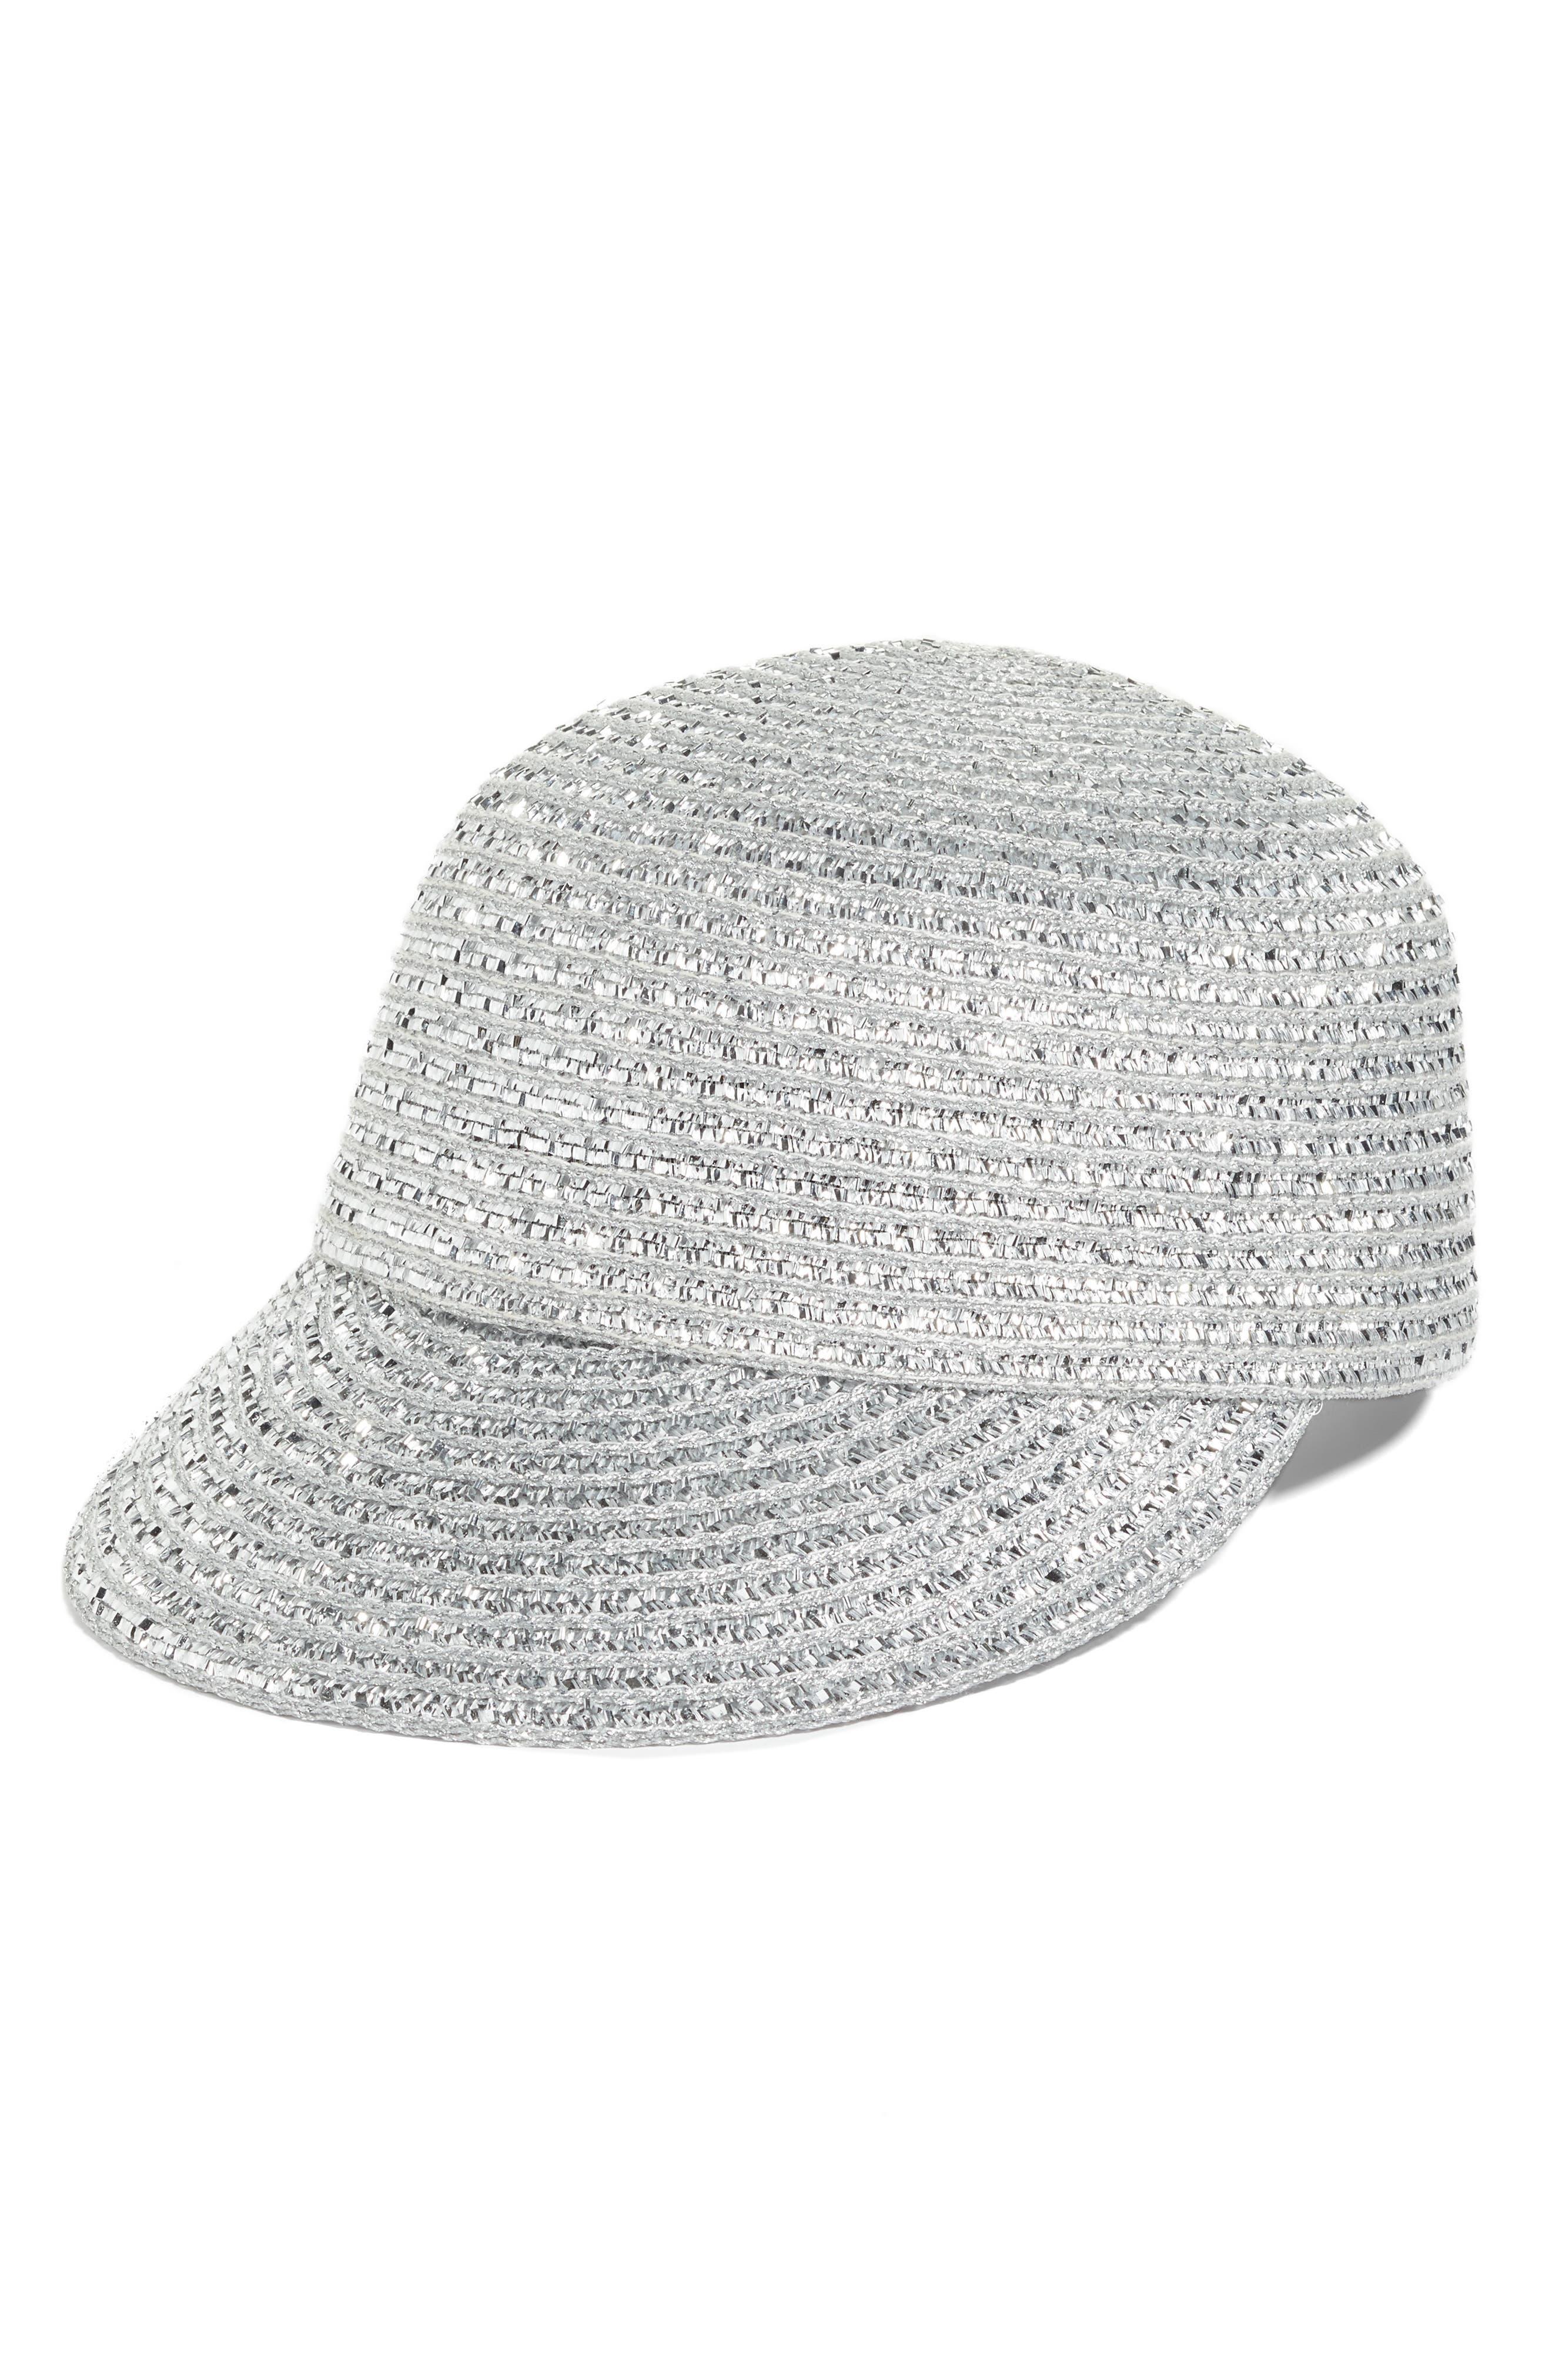 Baseball Caps  b436e9240a1d